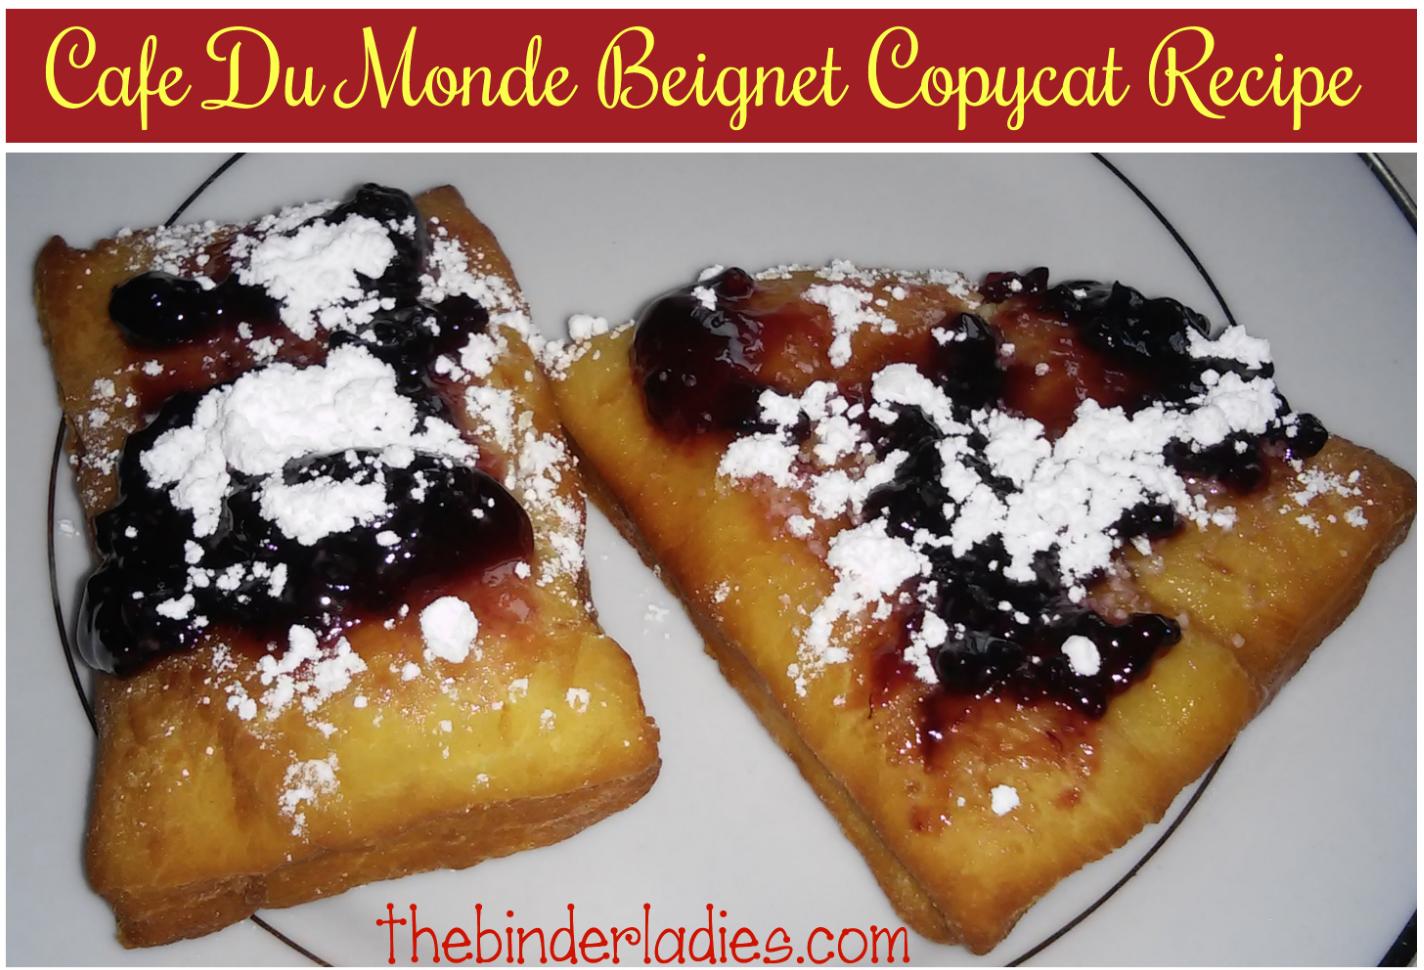 http://www.thebinderladies.com/2014/11/recipe-cafe-du-monde-beignet-french.html